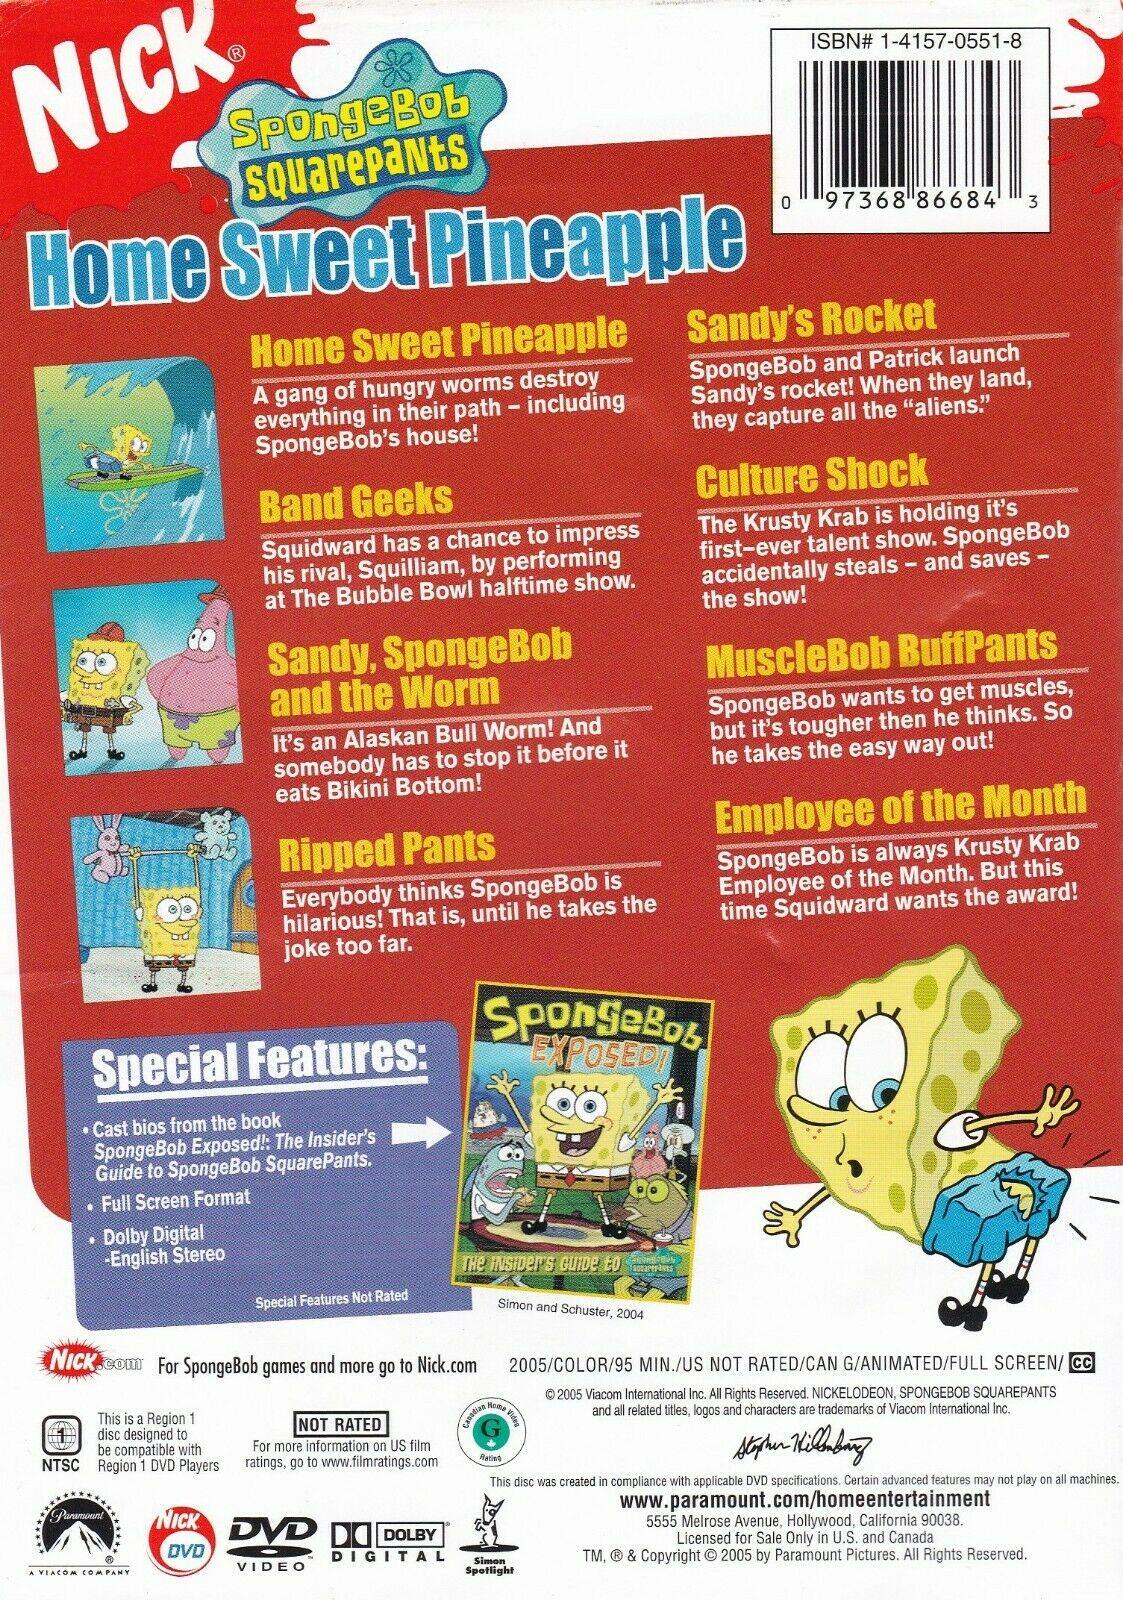 File:Home Sweet Pineapple DVD Back Cover.jpg